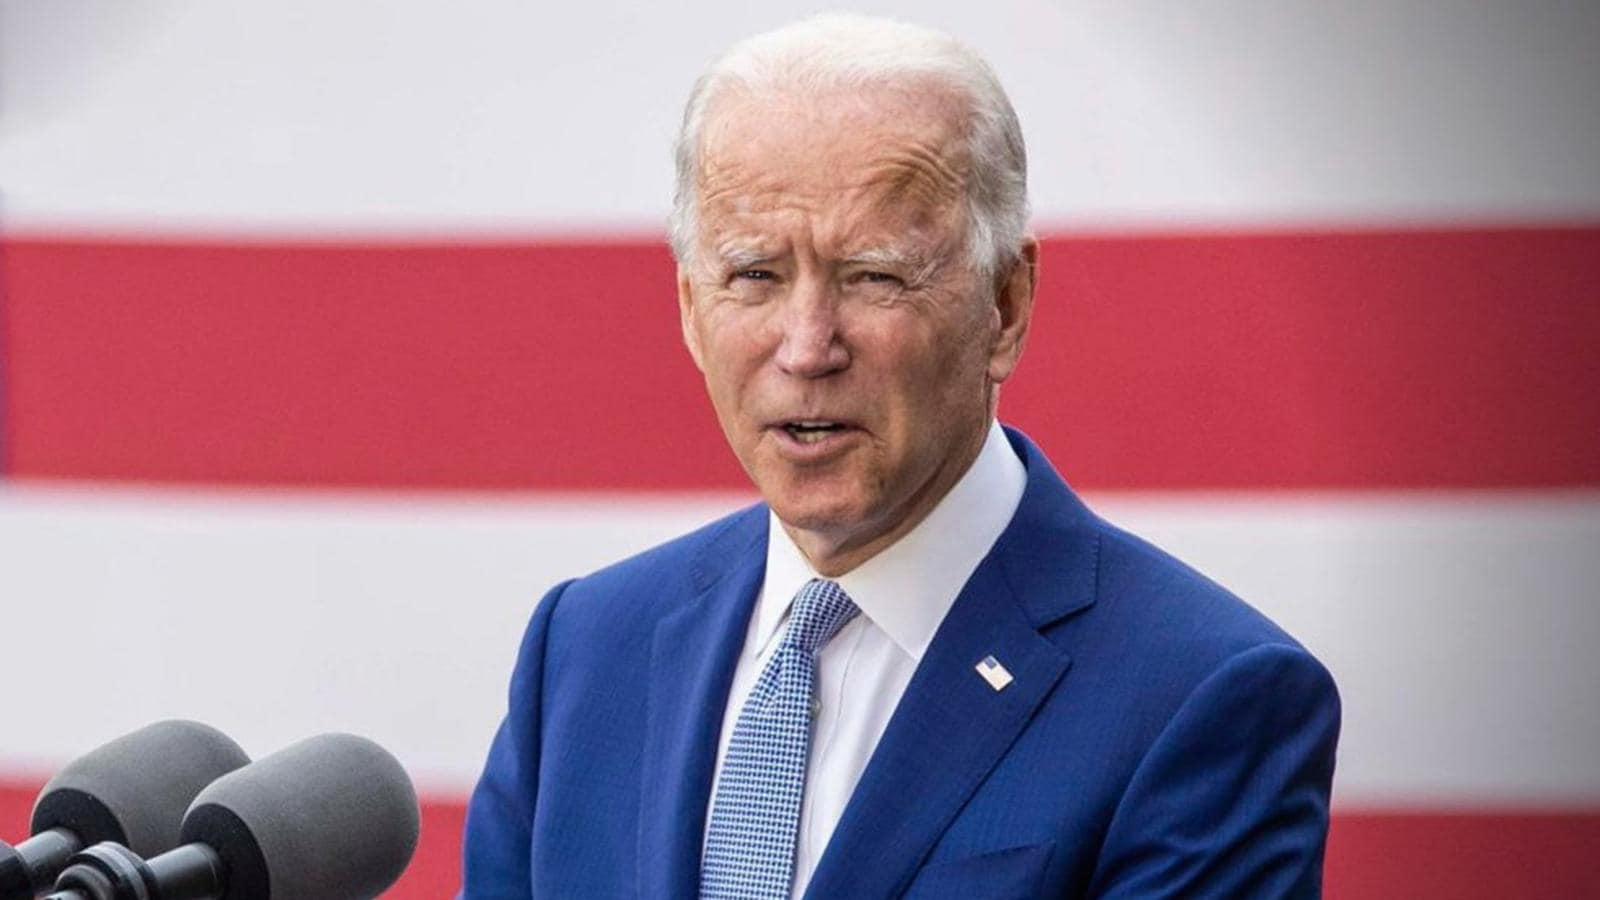 L'insediamento di Biden in diretta sulle reti Rai. Ecco come seguirlo